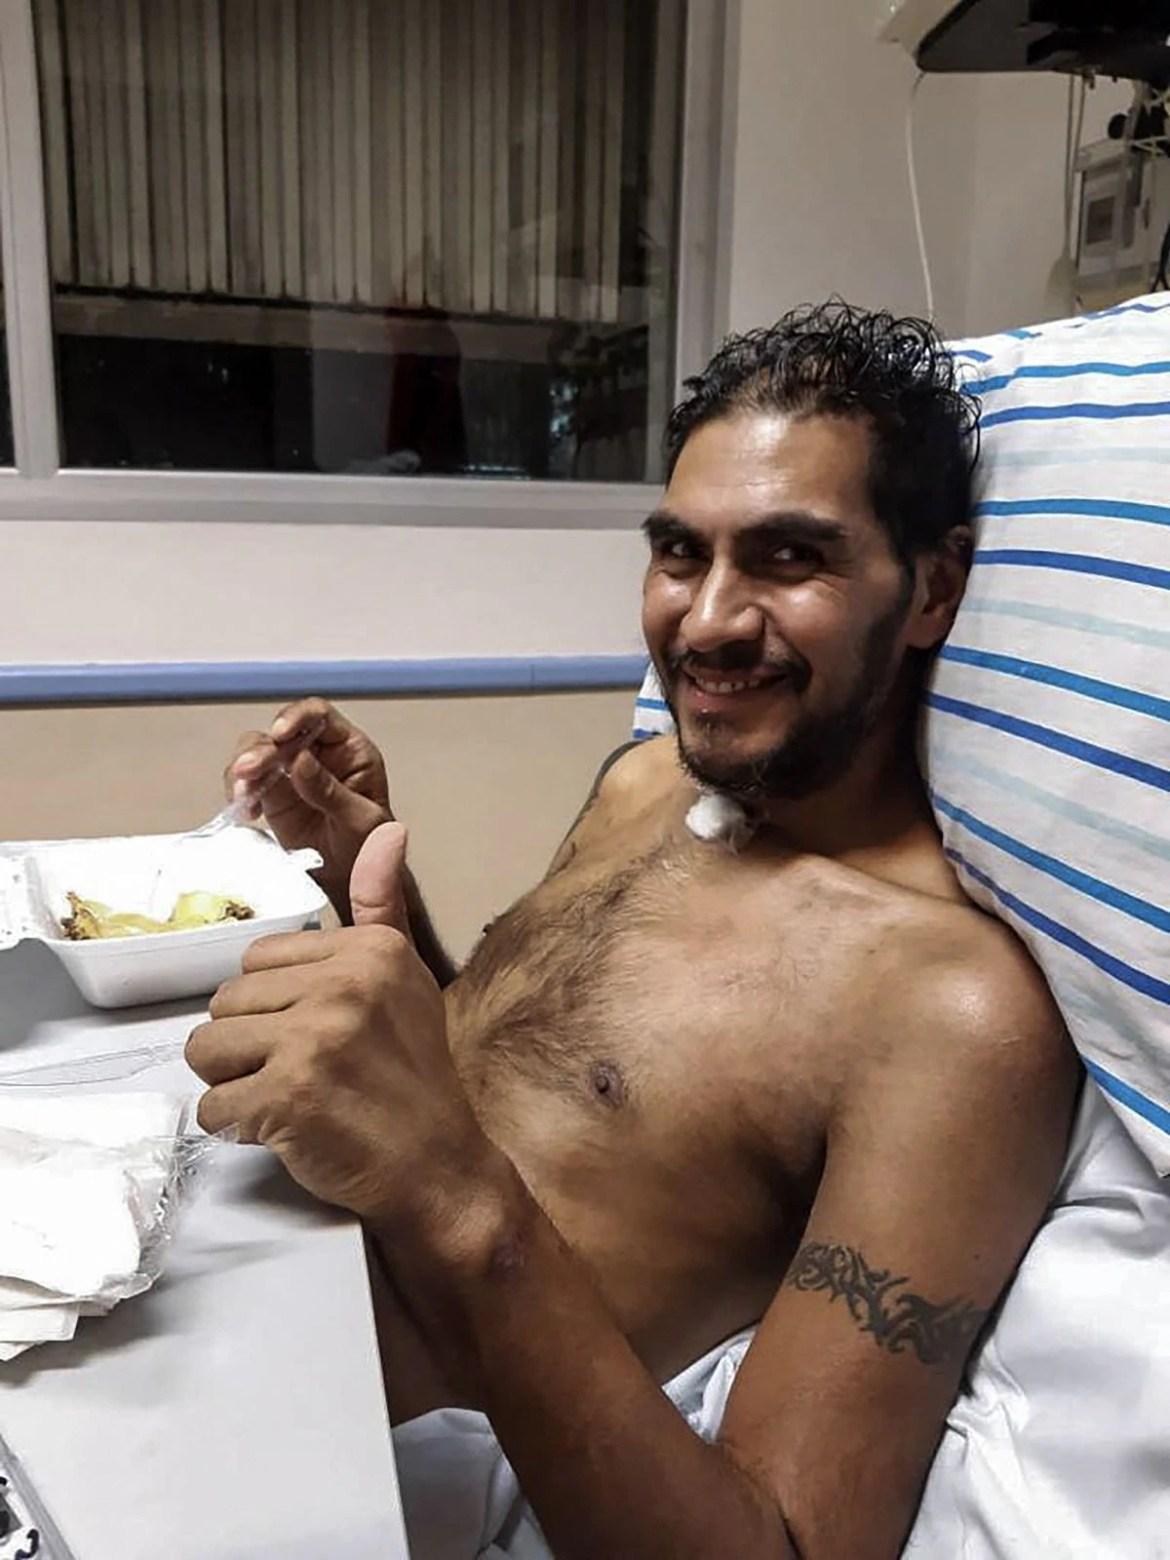 El sobreviviente de Covid-19 Raúl Gutiérrez es fotografiado el 9 de septiembre de 2020 en el hospital El Cruce, en Florencio Varela. (Foto de LAURA ZABALA / AFP).